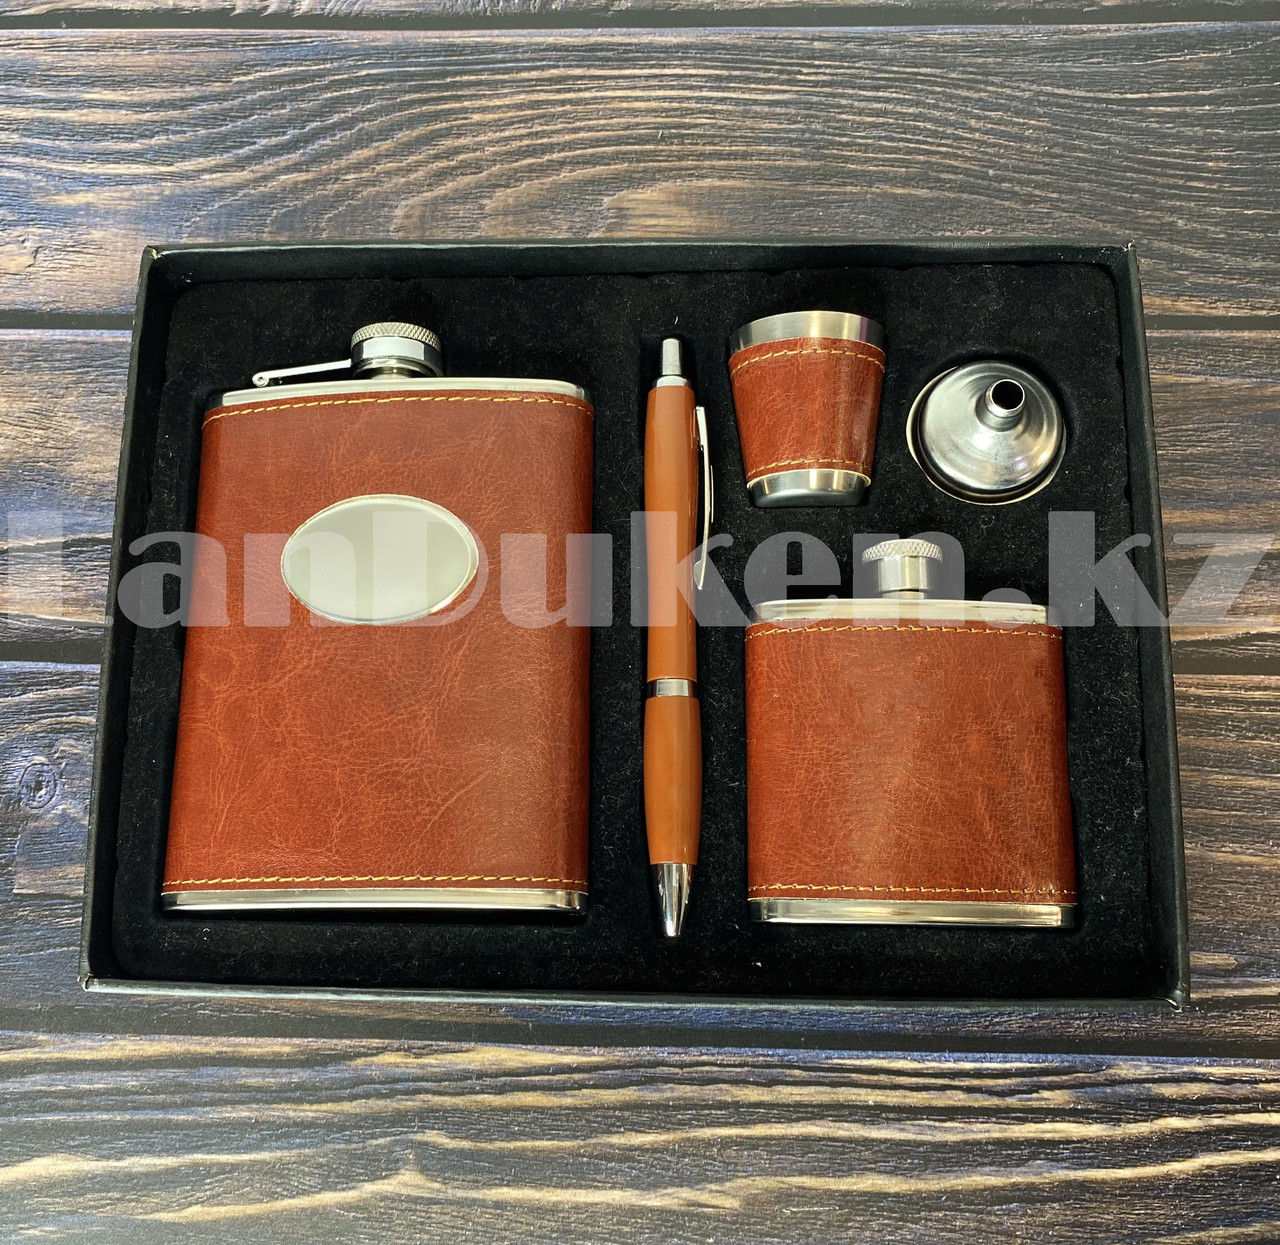 Мужской набор (фляга 250 мл фляга 100 мл рюмка воронка ручка) в подарочной коробке - фото 8